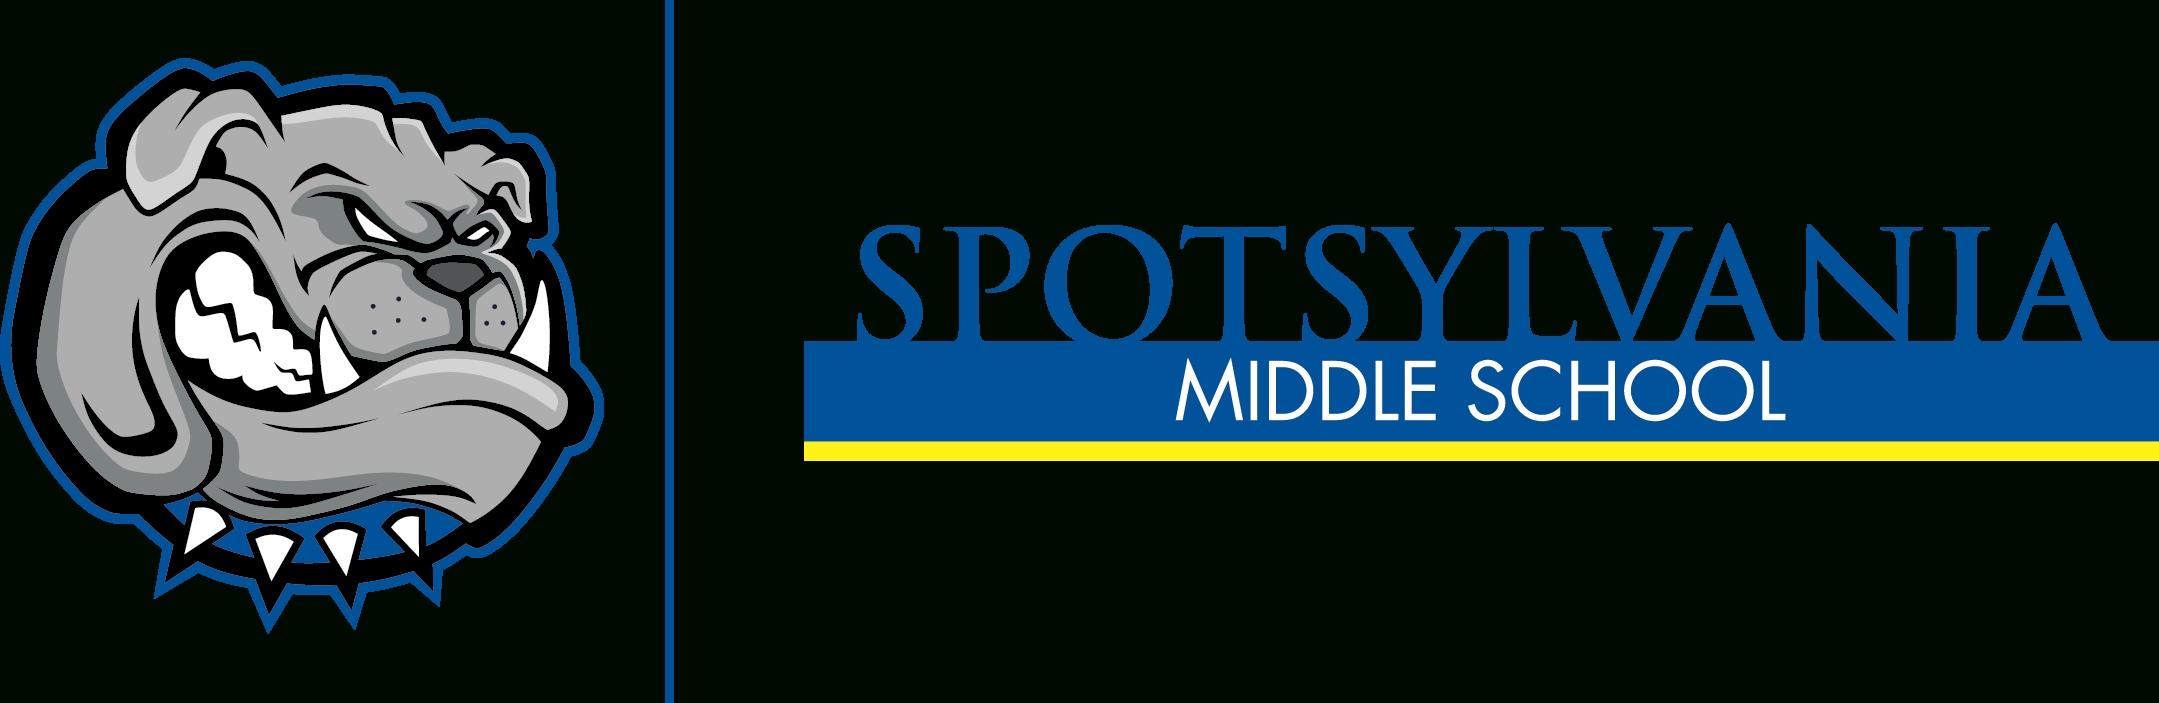 Spotsylvania Middle / Spotsylvania Middle Calendar_School Calendar Spotsylvania County